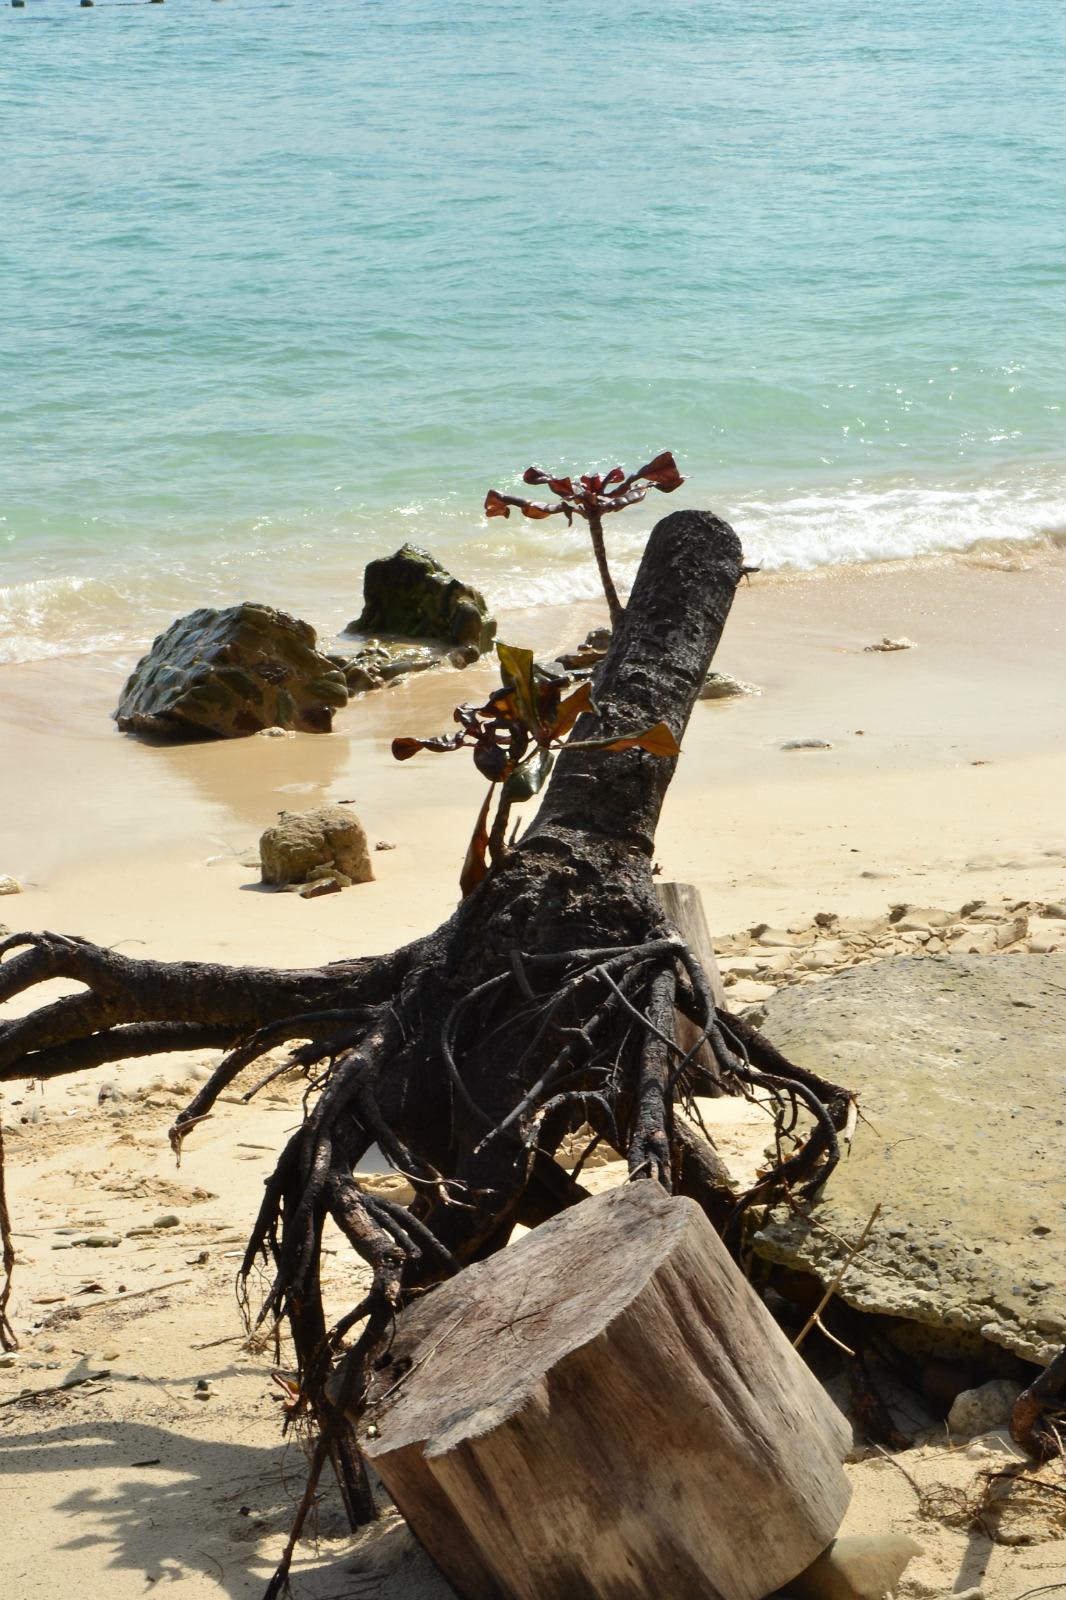 du lịch kota kinabalu - cảnh hoang sơ ở bãi biển